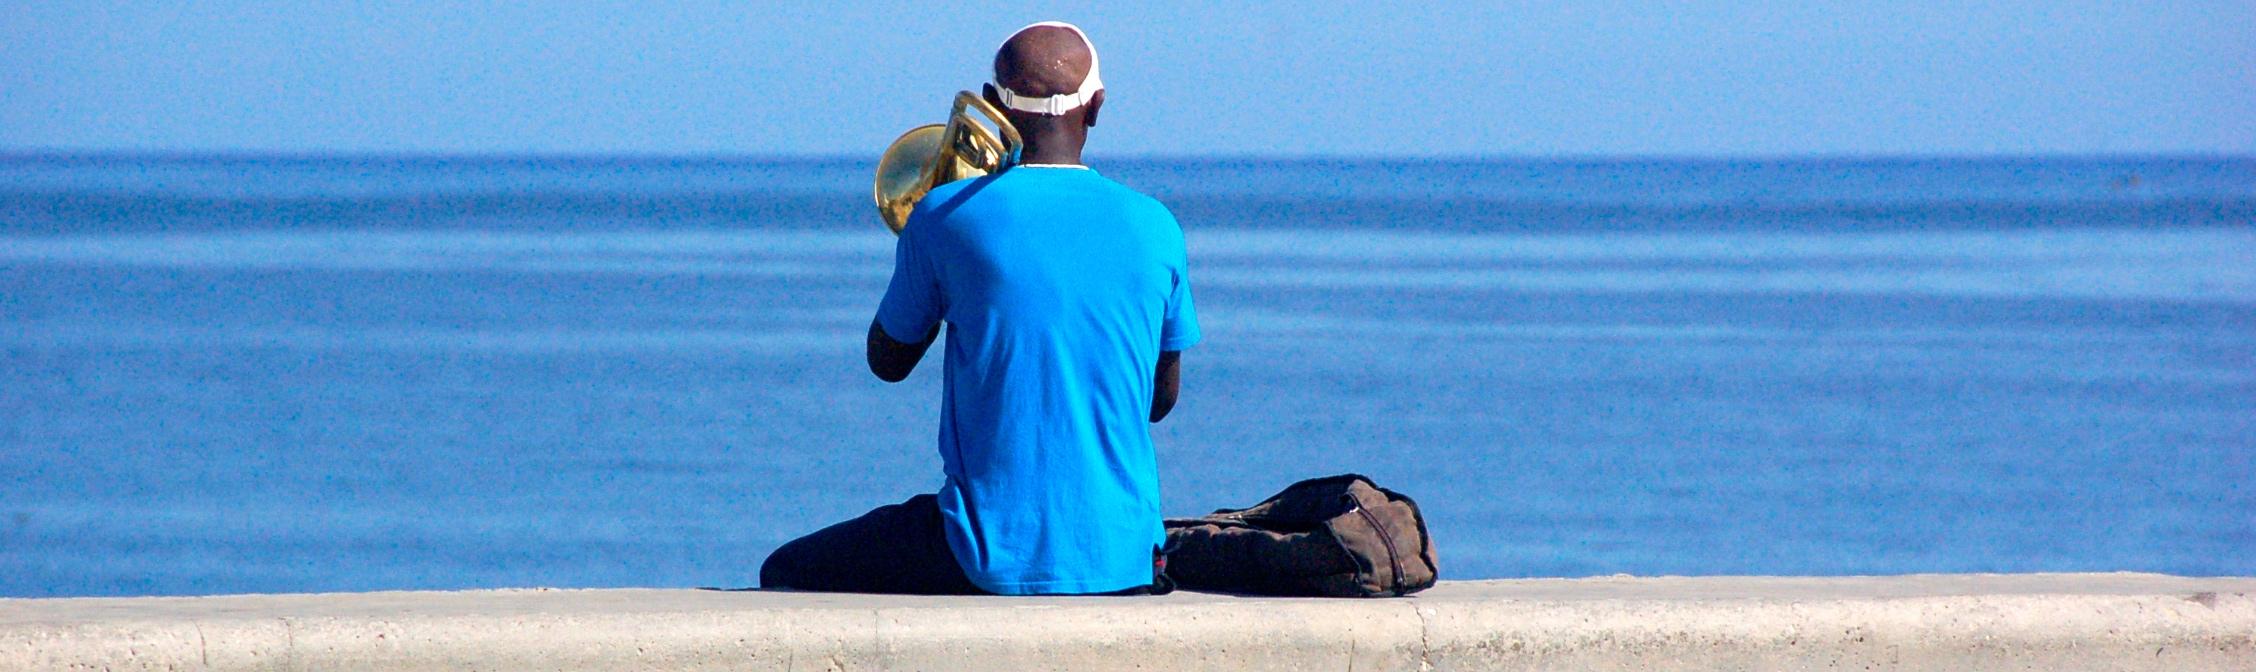 El Malecón, Habana